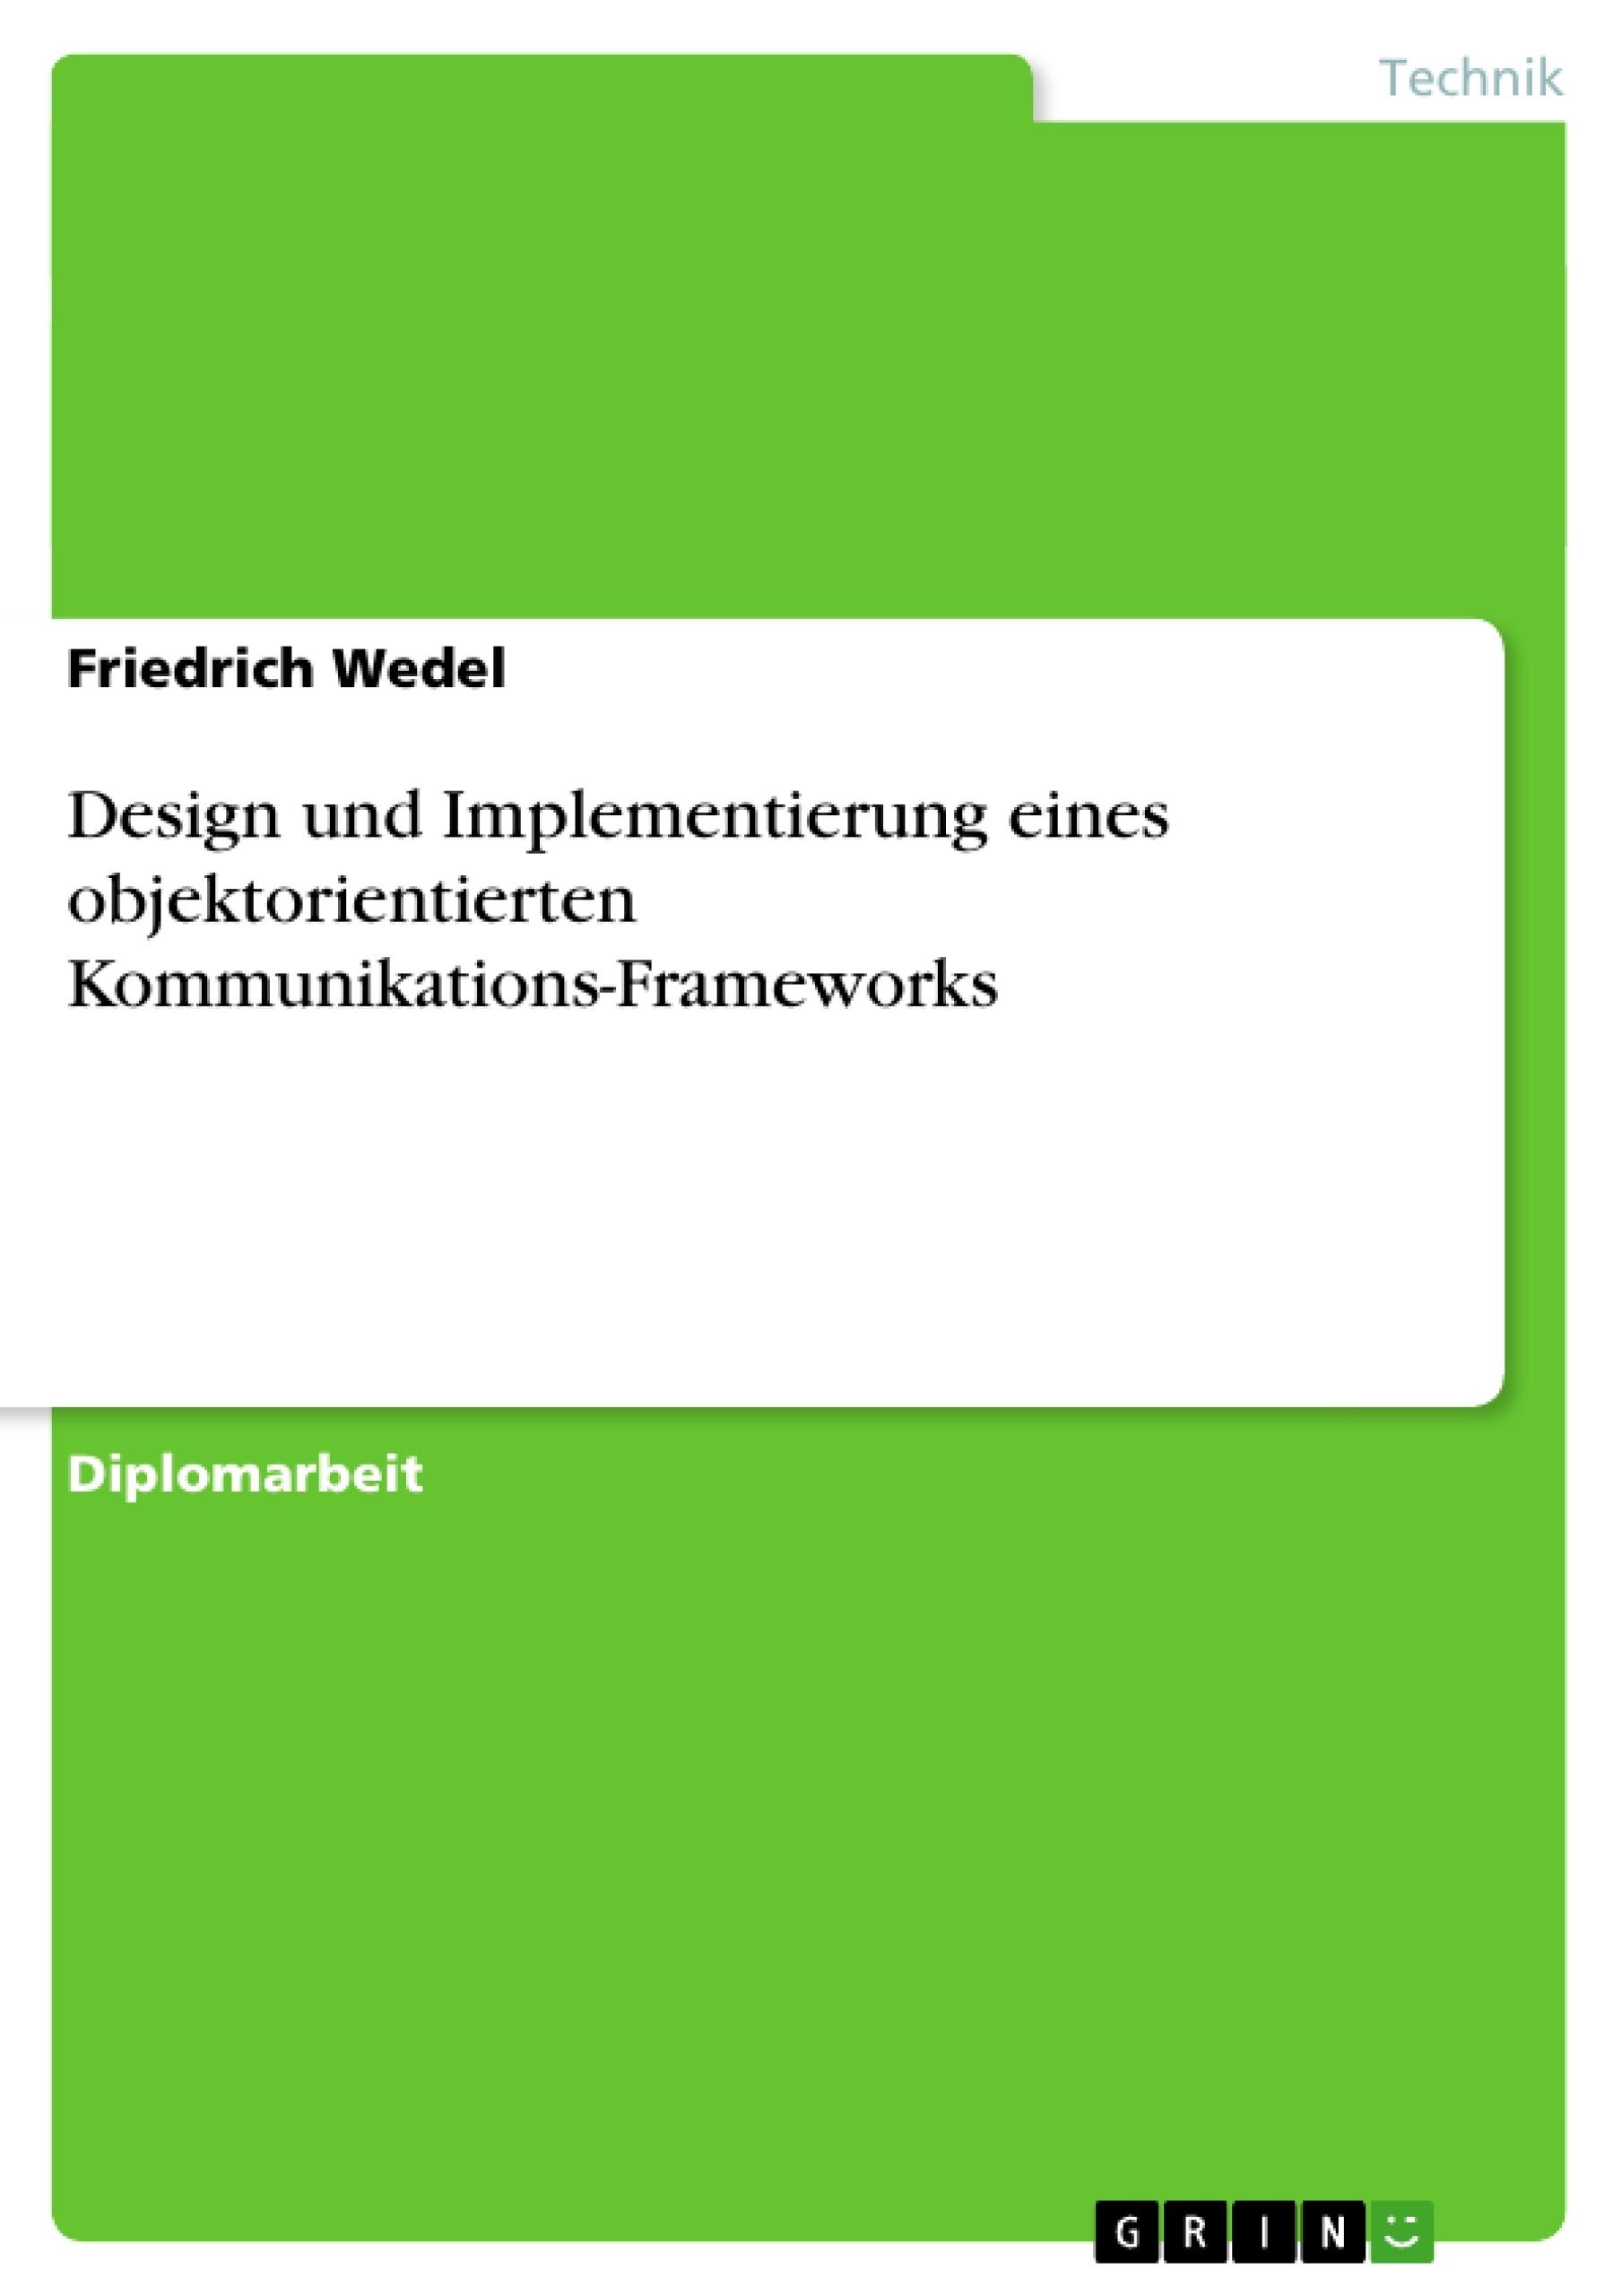 Titel: Design und Implementierung eines objektorientierten Kommunikations-Frameworks